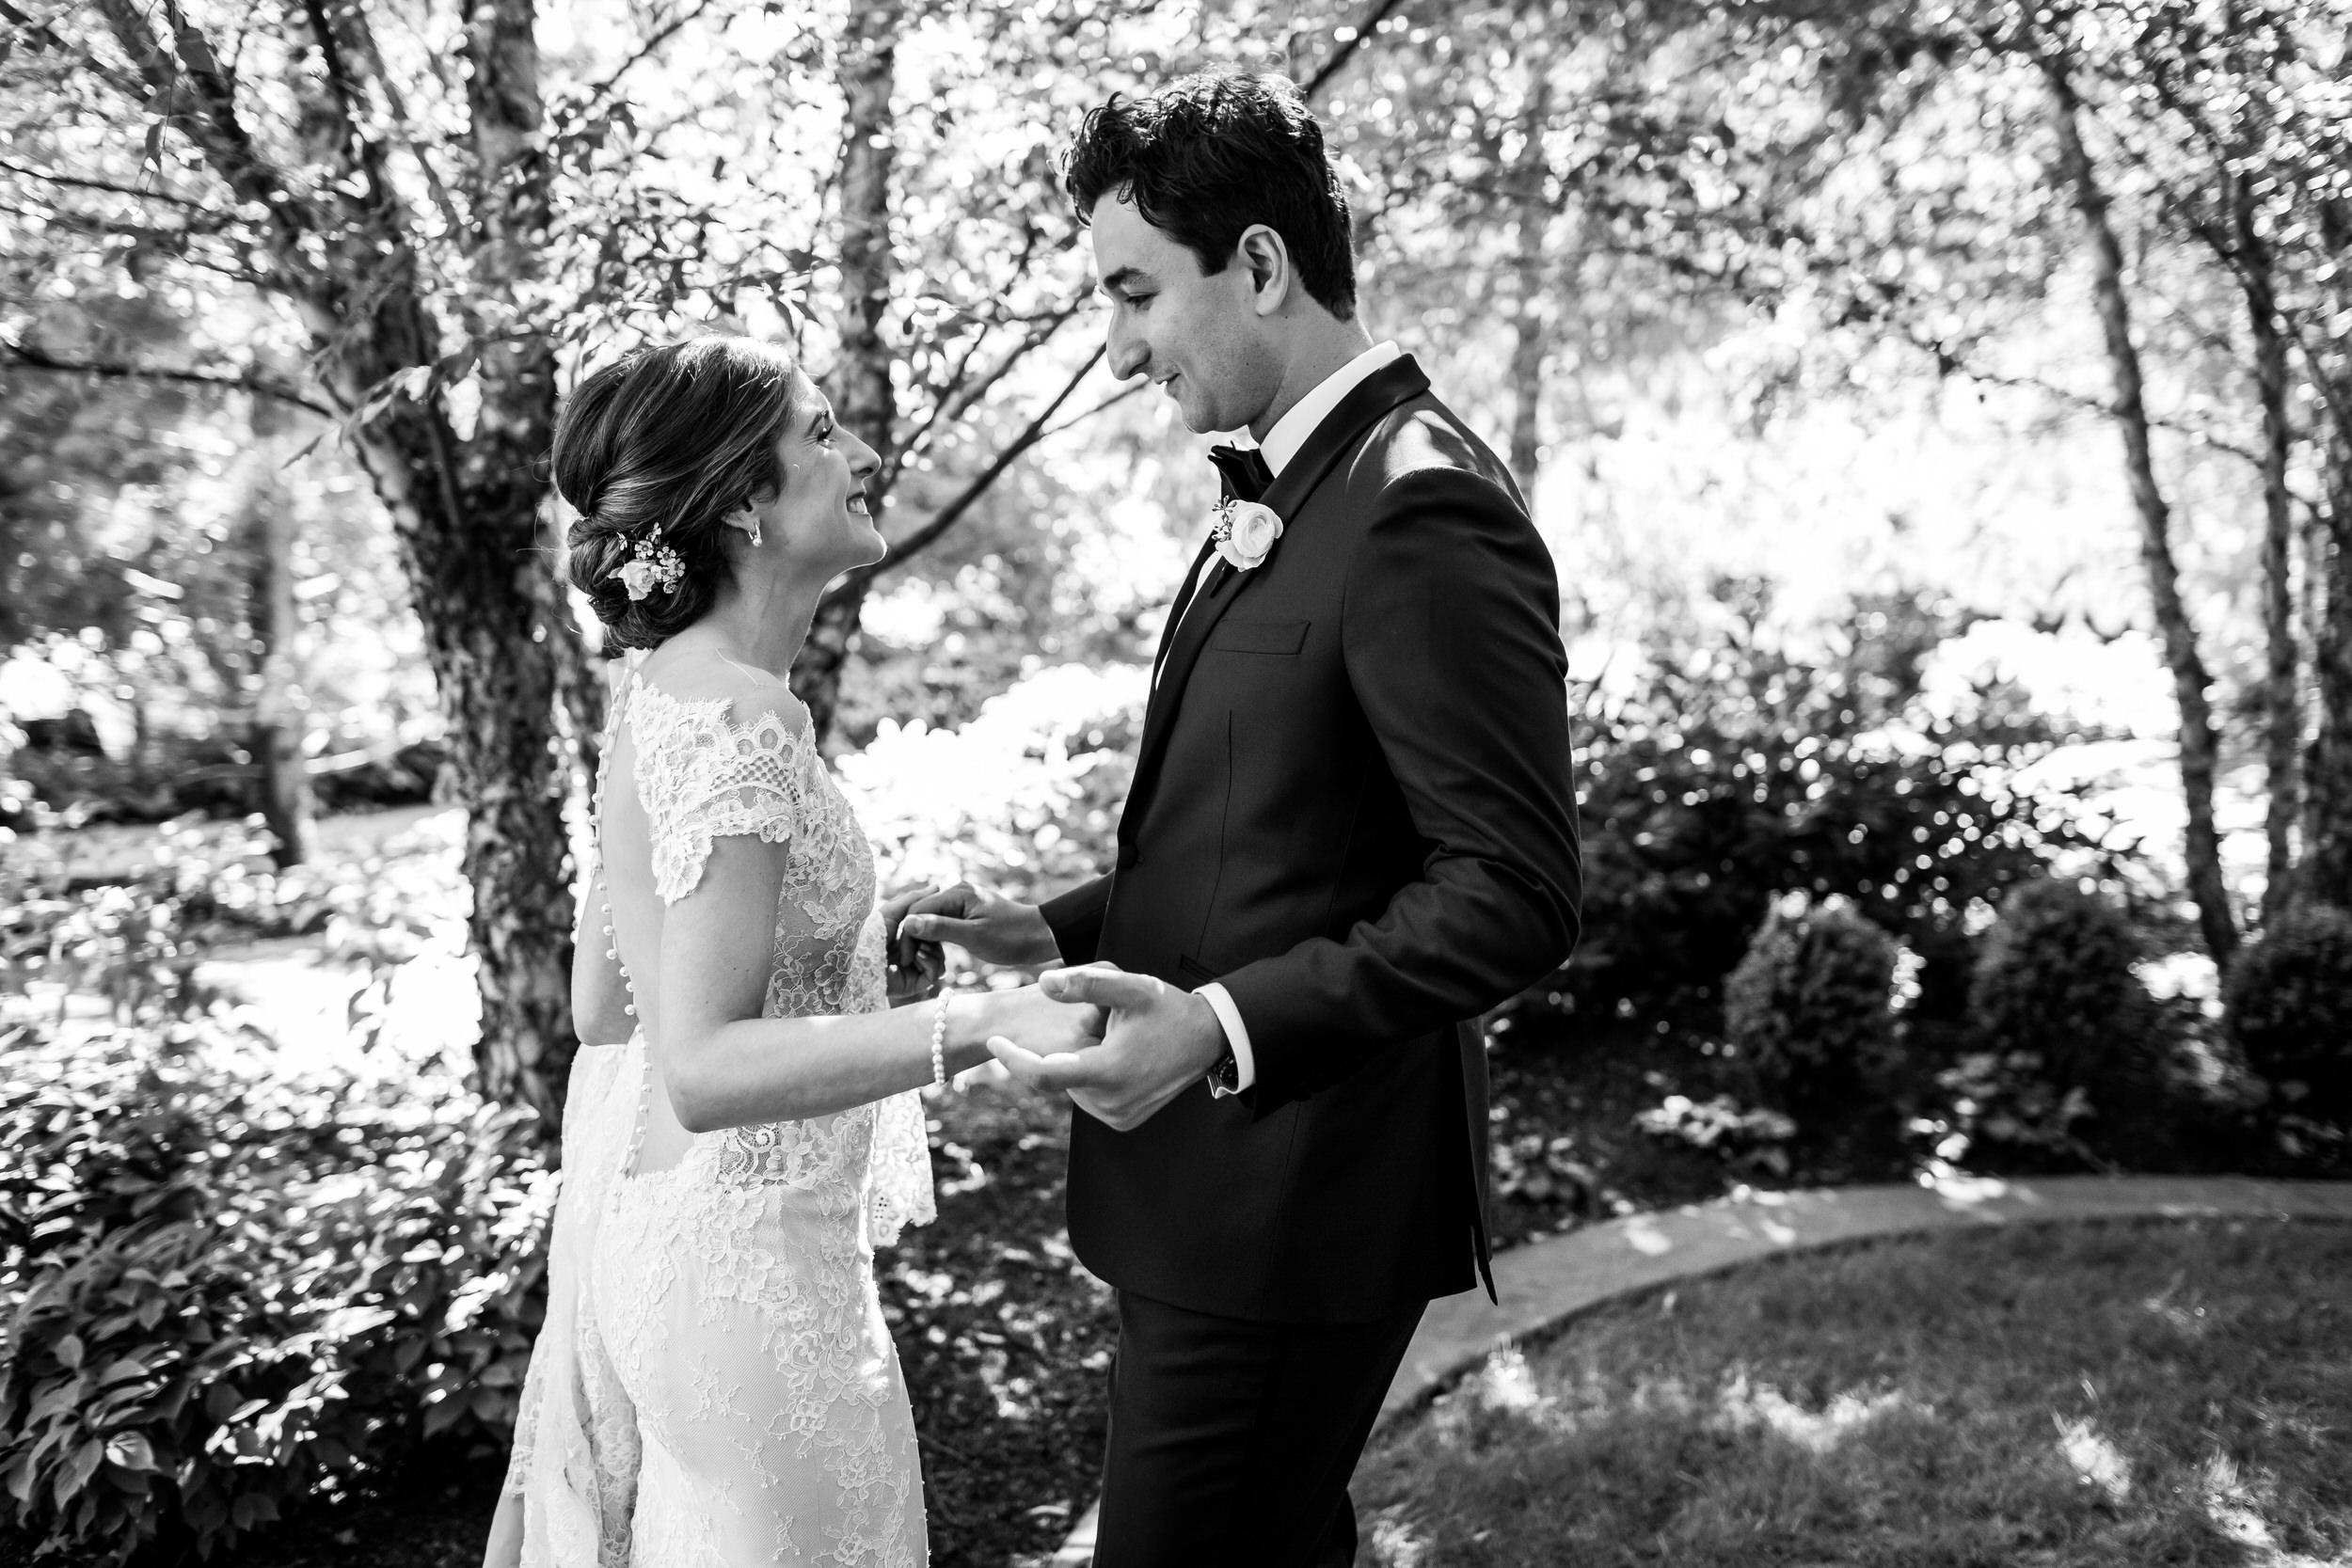 jake_marisa_allison_inn_wedding_starkphotography_012